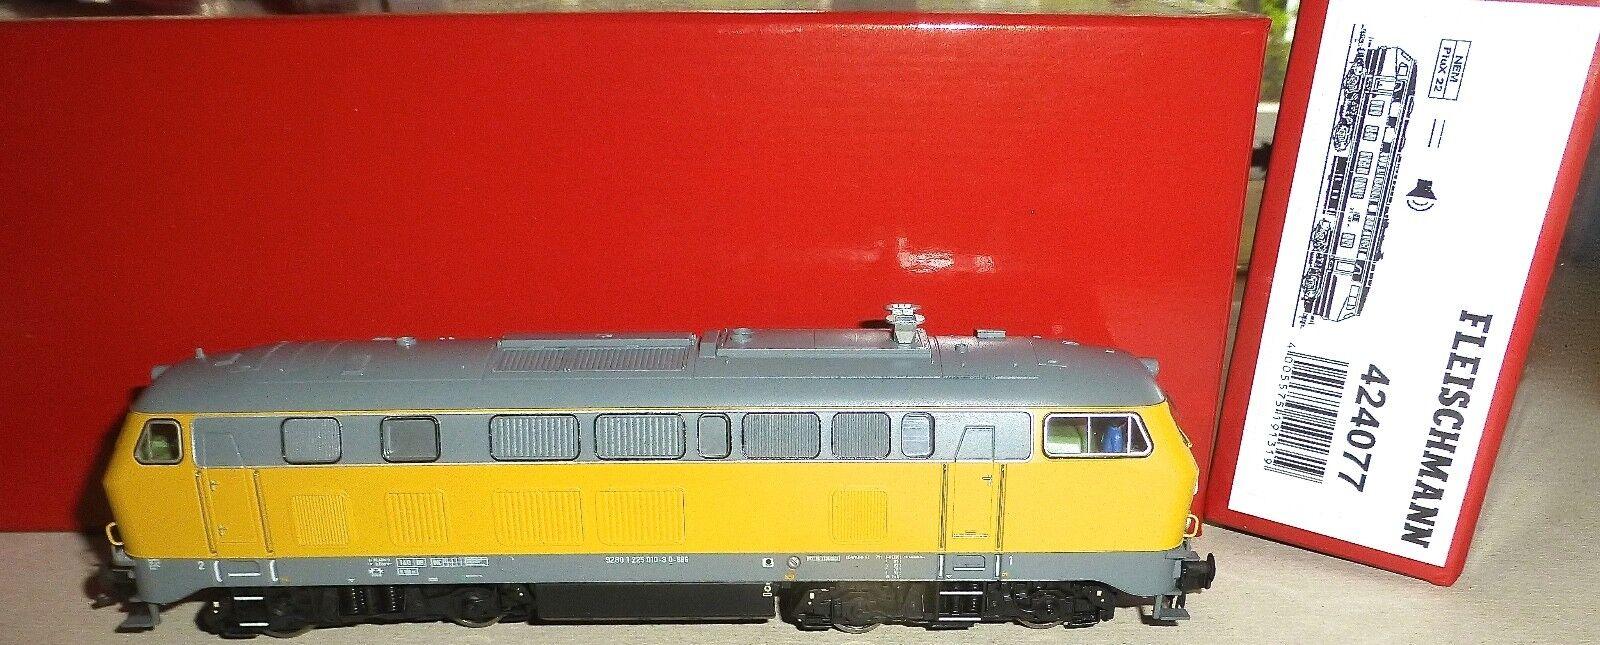 225 010-8 diesellok db bahnbaugruppe sound Fleischmann 424077 H0 1 87 KG2 µ